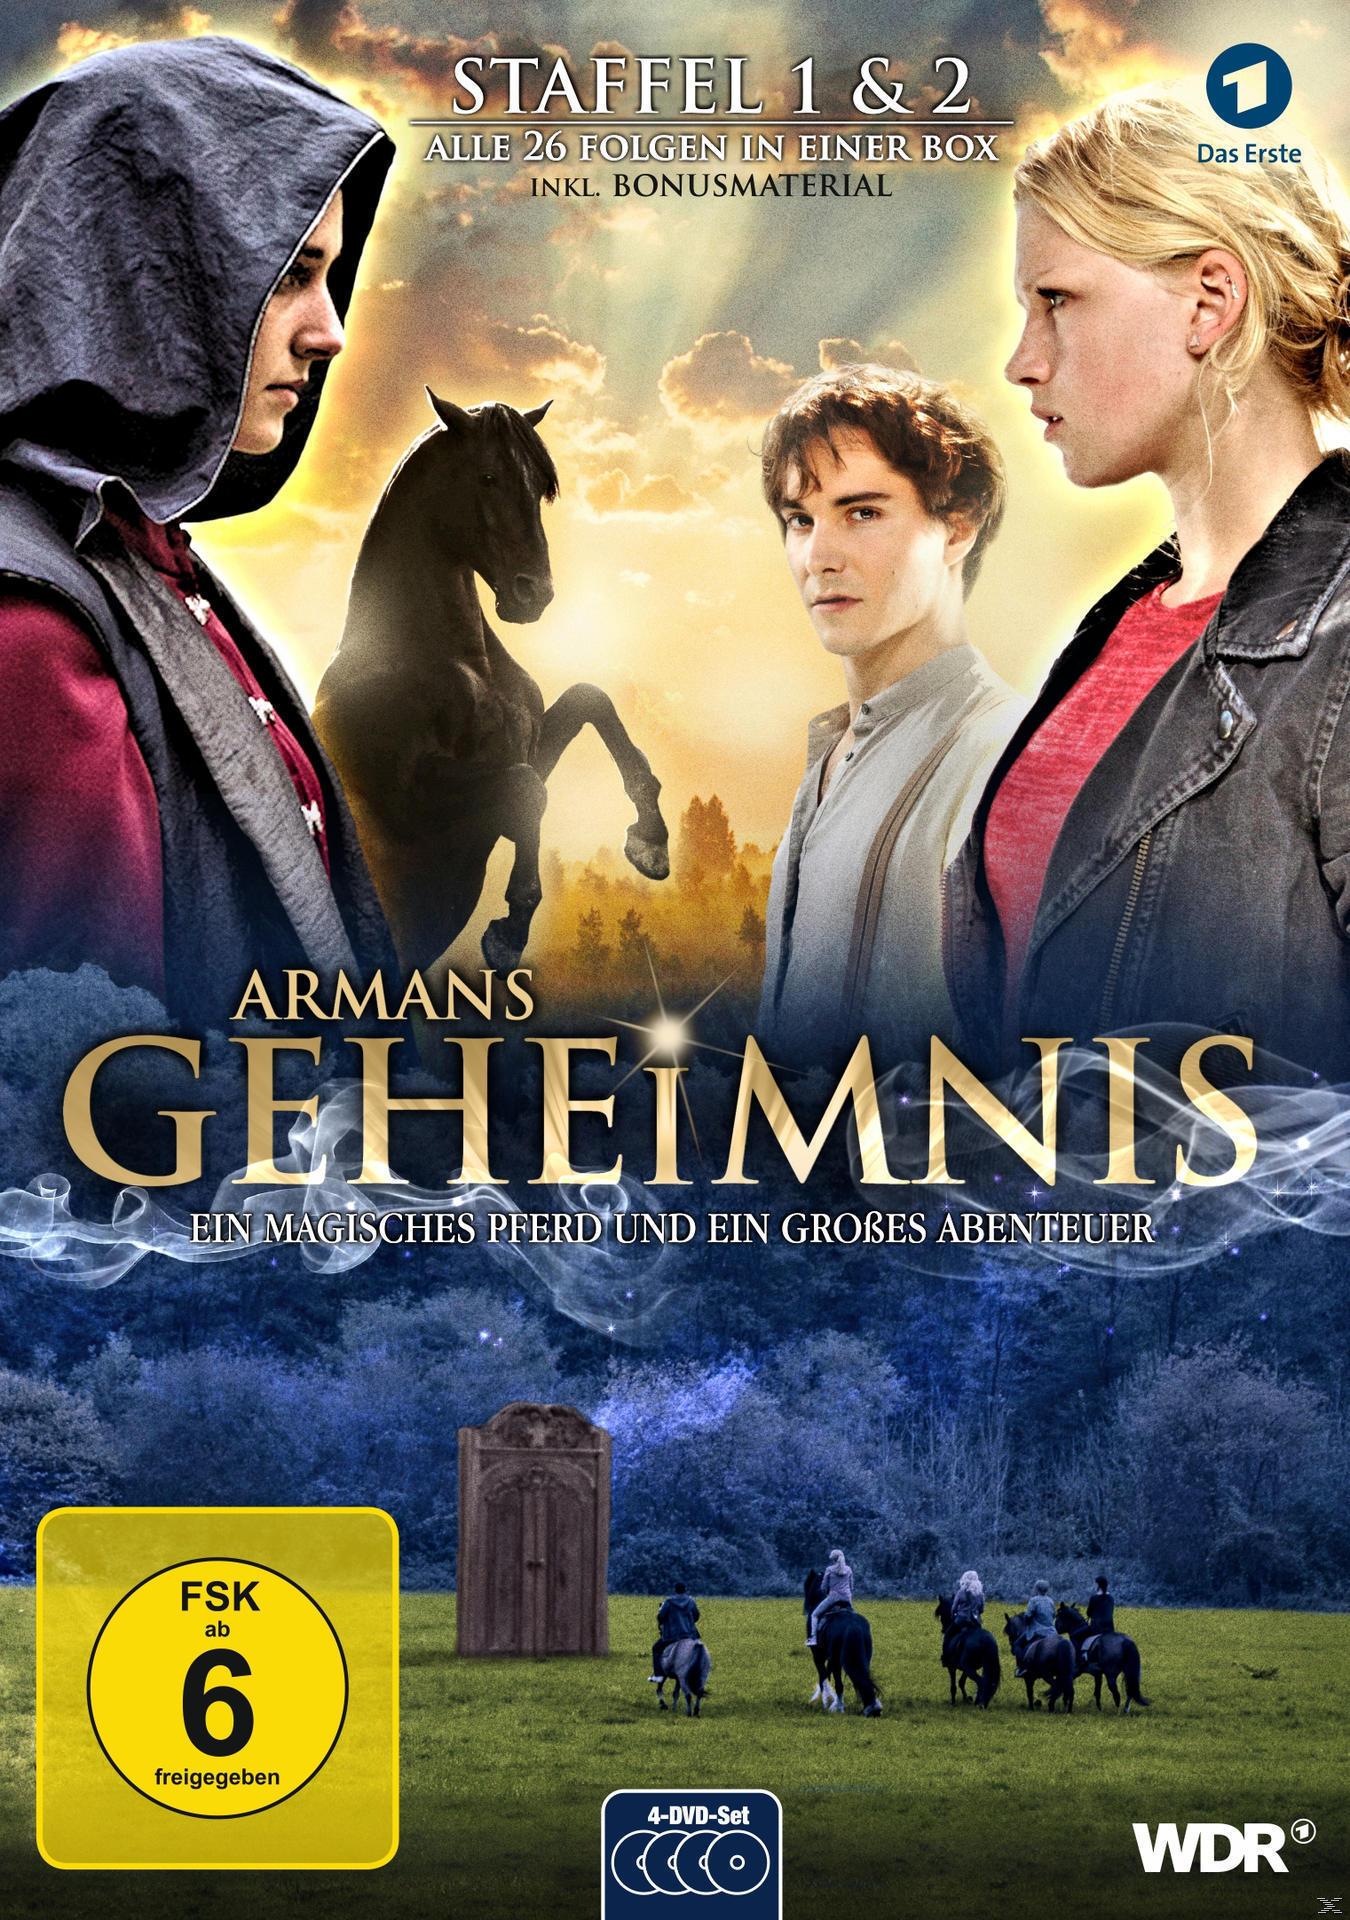 Armans Geheimnis - Staffel 1&2 - Die Collection DVD-Box (DVD) für 26,96 Euro